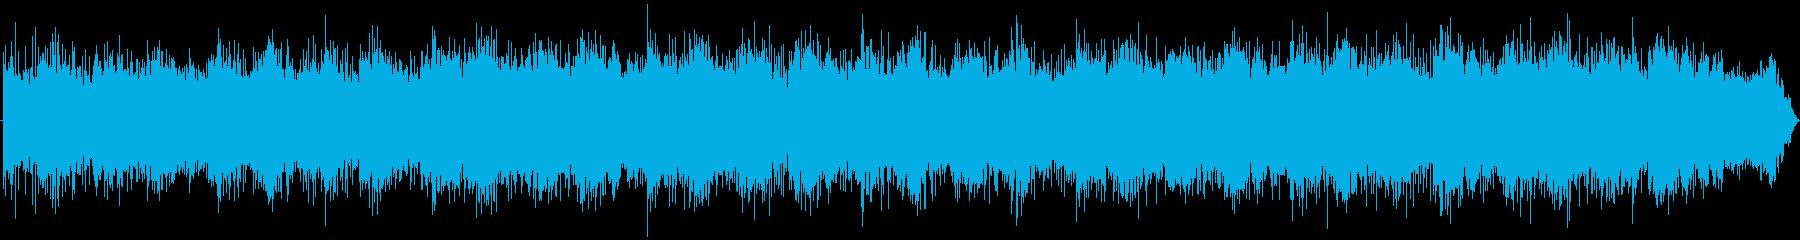 ブレードランナー風な近未来の神秘的シーンの再生済みの波形